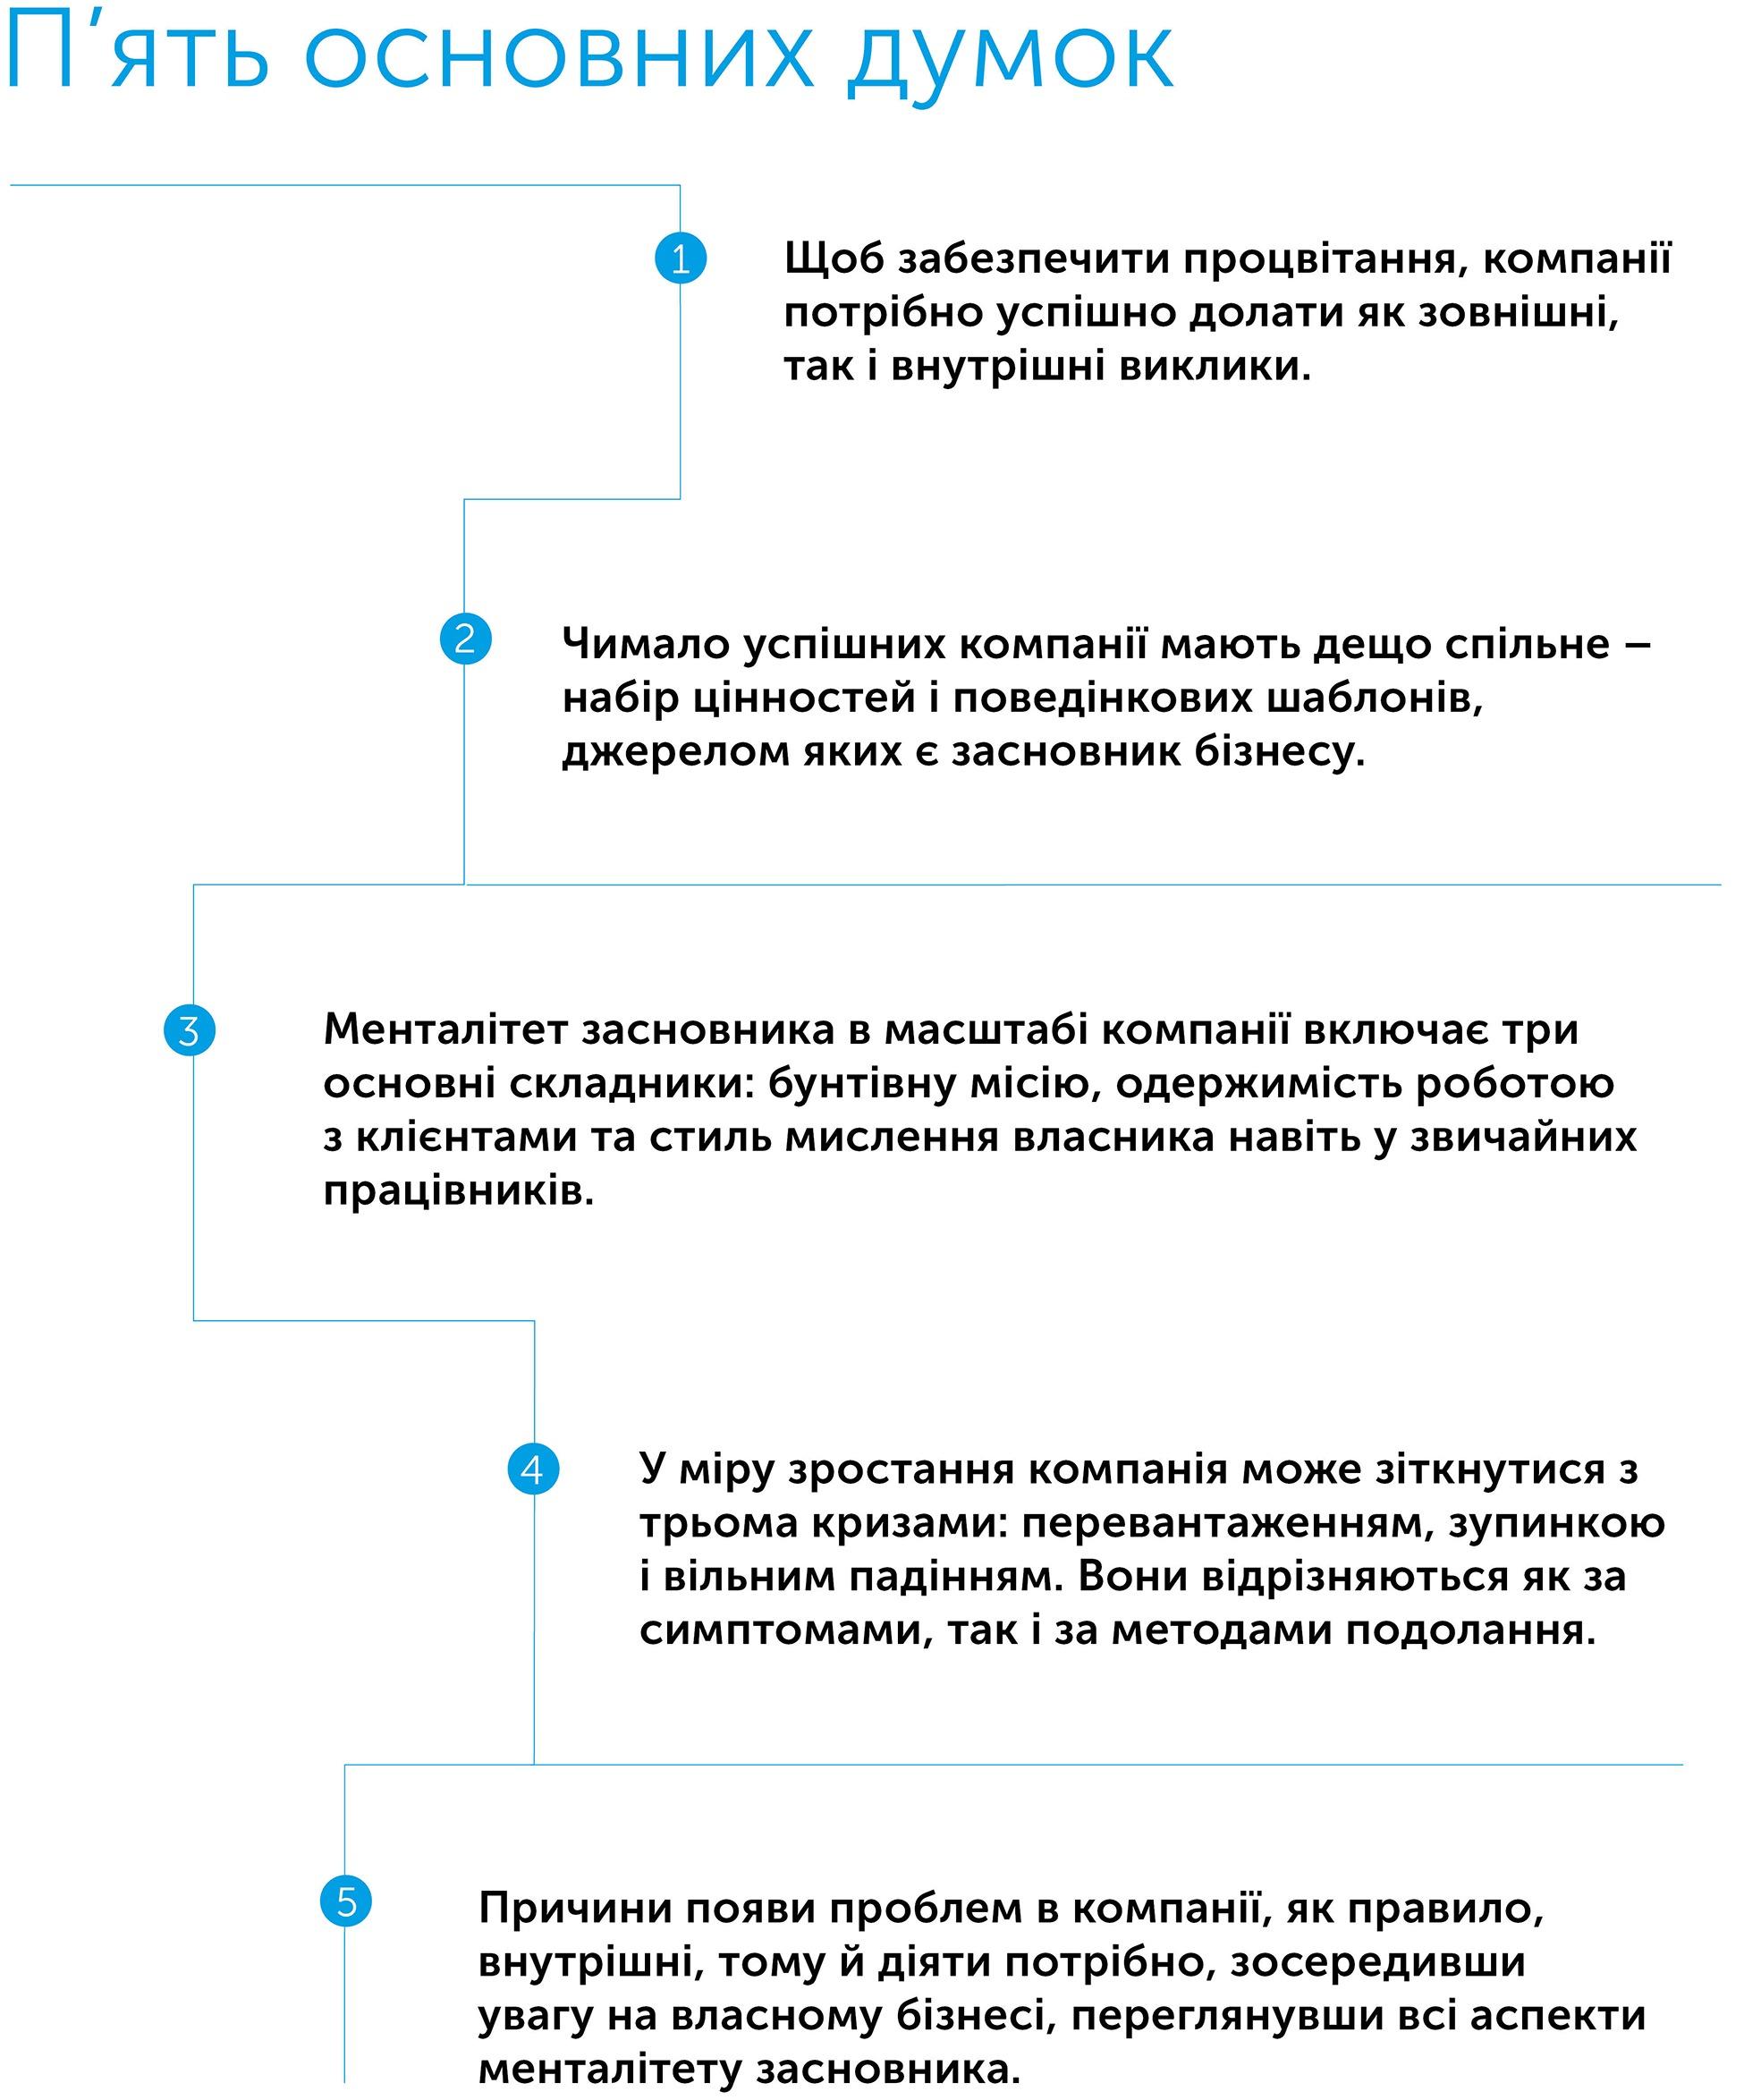 Менталітет засновника: як подолати передбачувані кризи зростання, автор Девід Зук | Kyivstar Business Hub, зображення №2